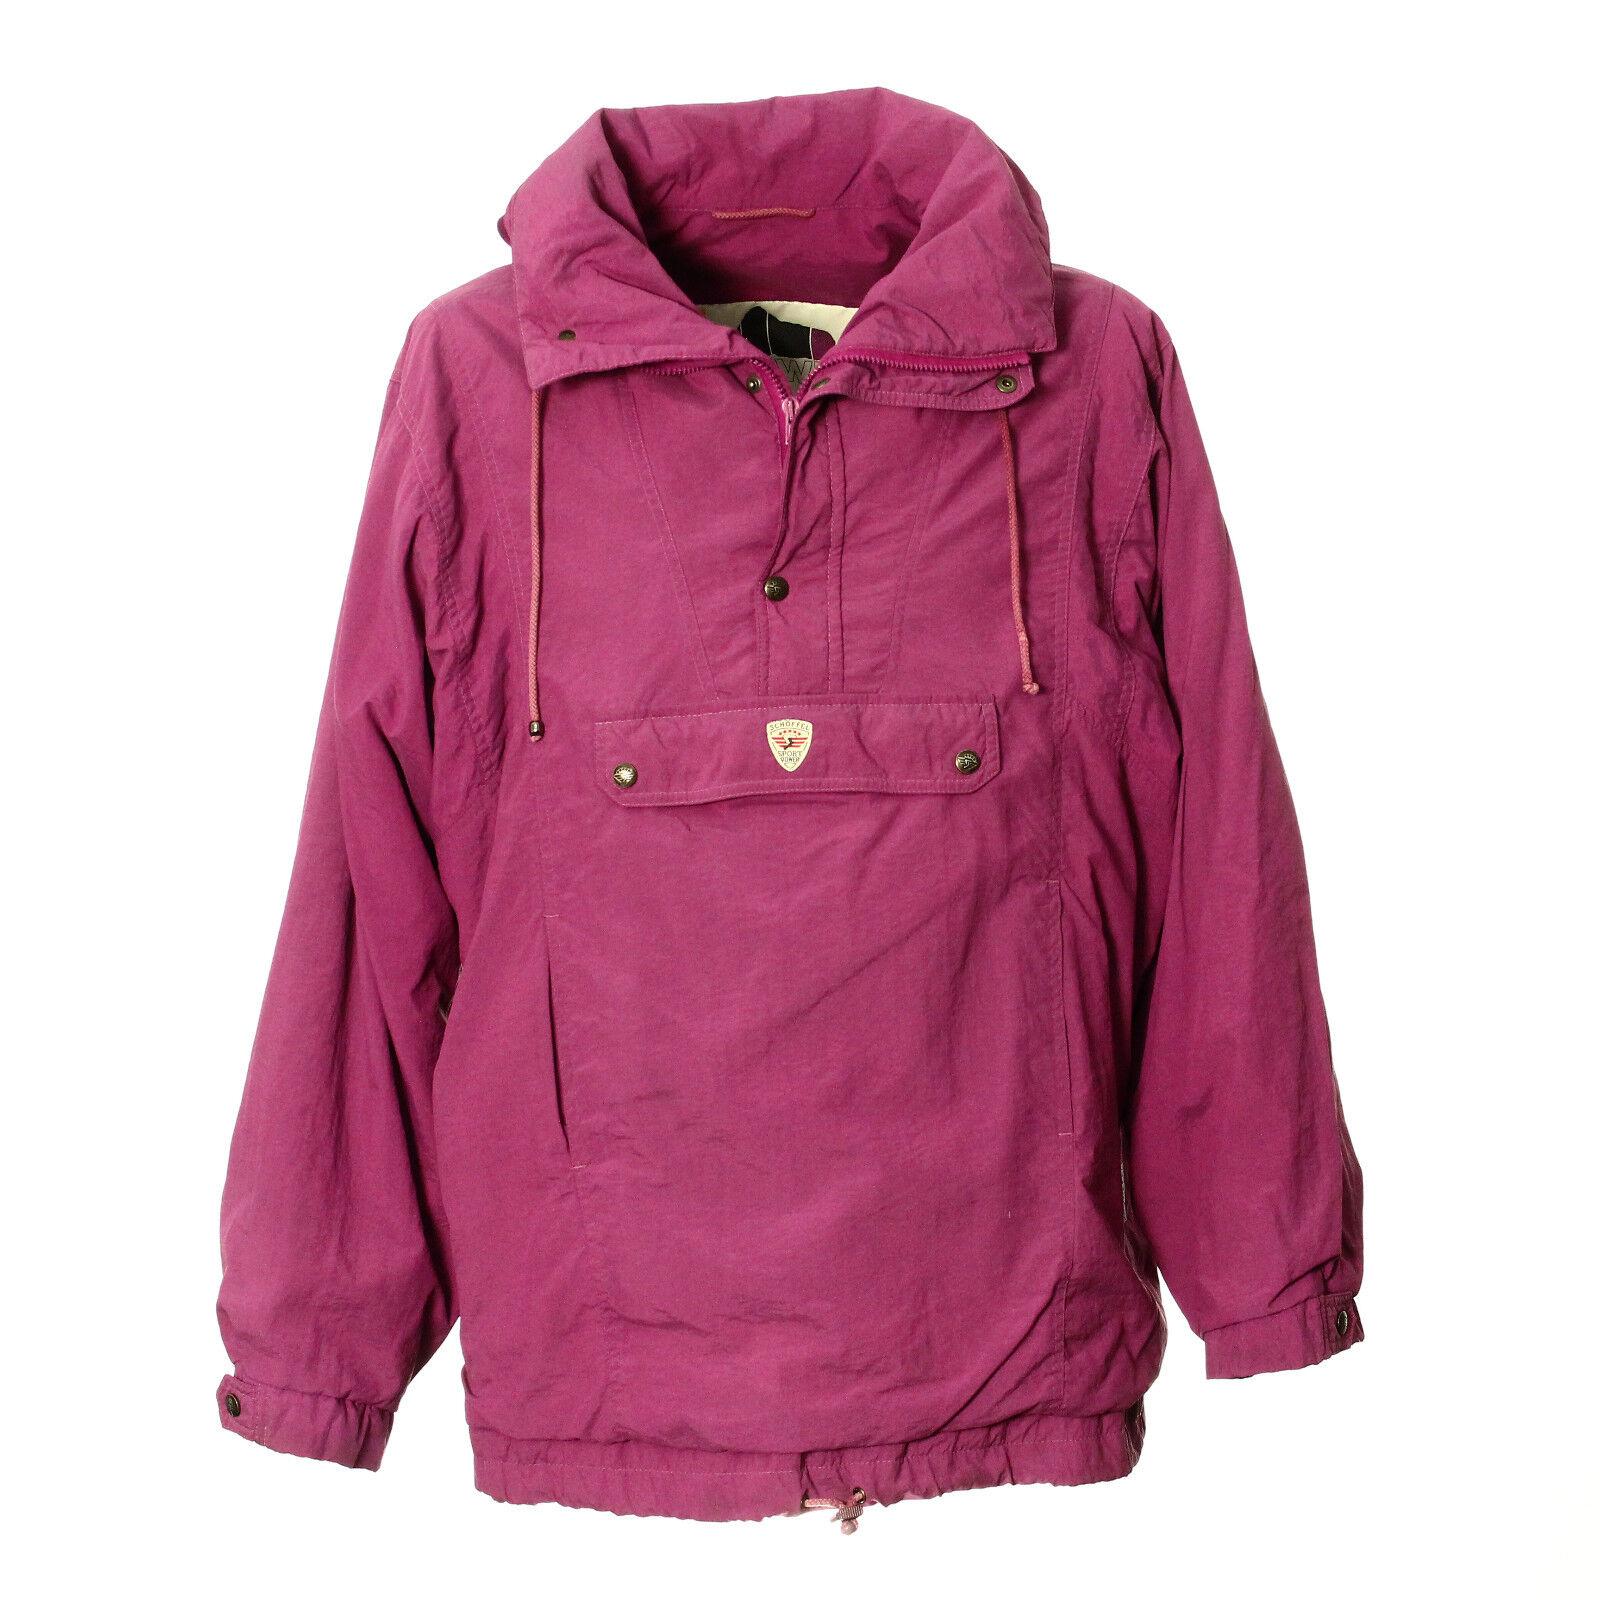 noch eine Chance online Shop wie man serch Details zu Schöffel Jacke Größe 52 Kapuze Stehkragen Lila Half Zip Schoffel  Vintage Retro